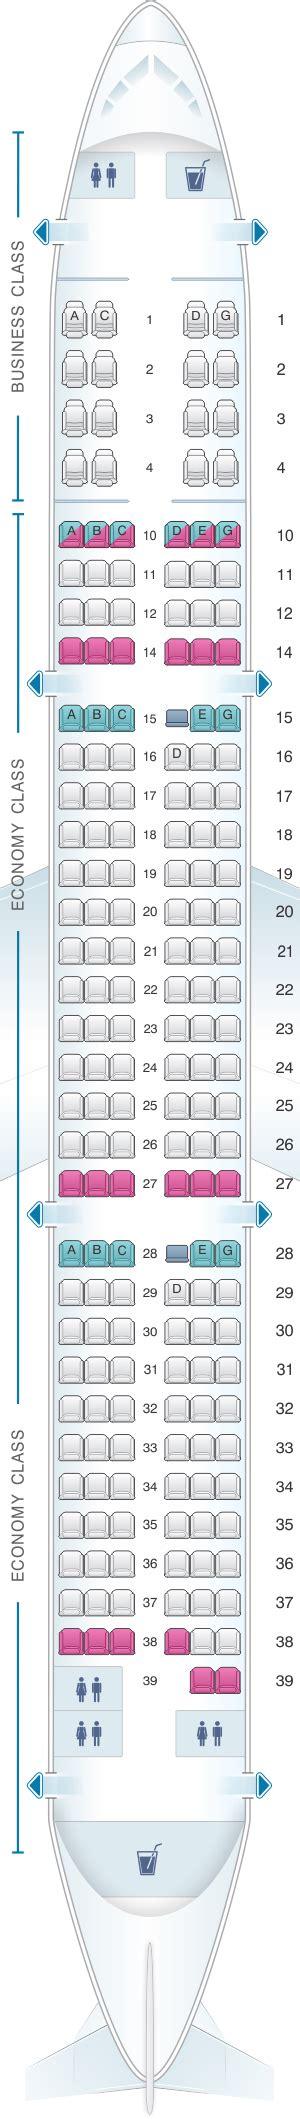 plan des sieges airbus a320 plan de cabine airlines airbus a321 seatmaestro fr